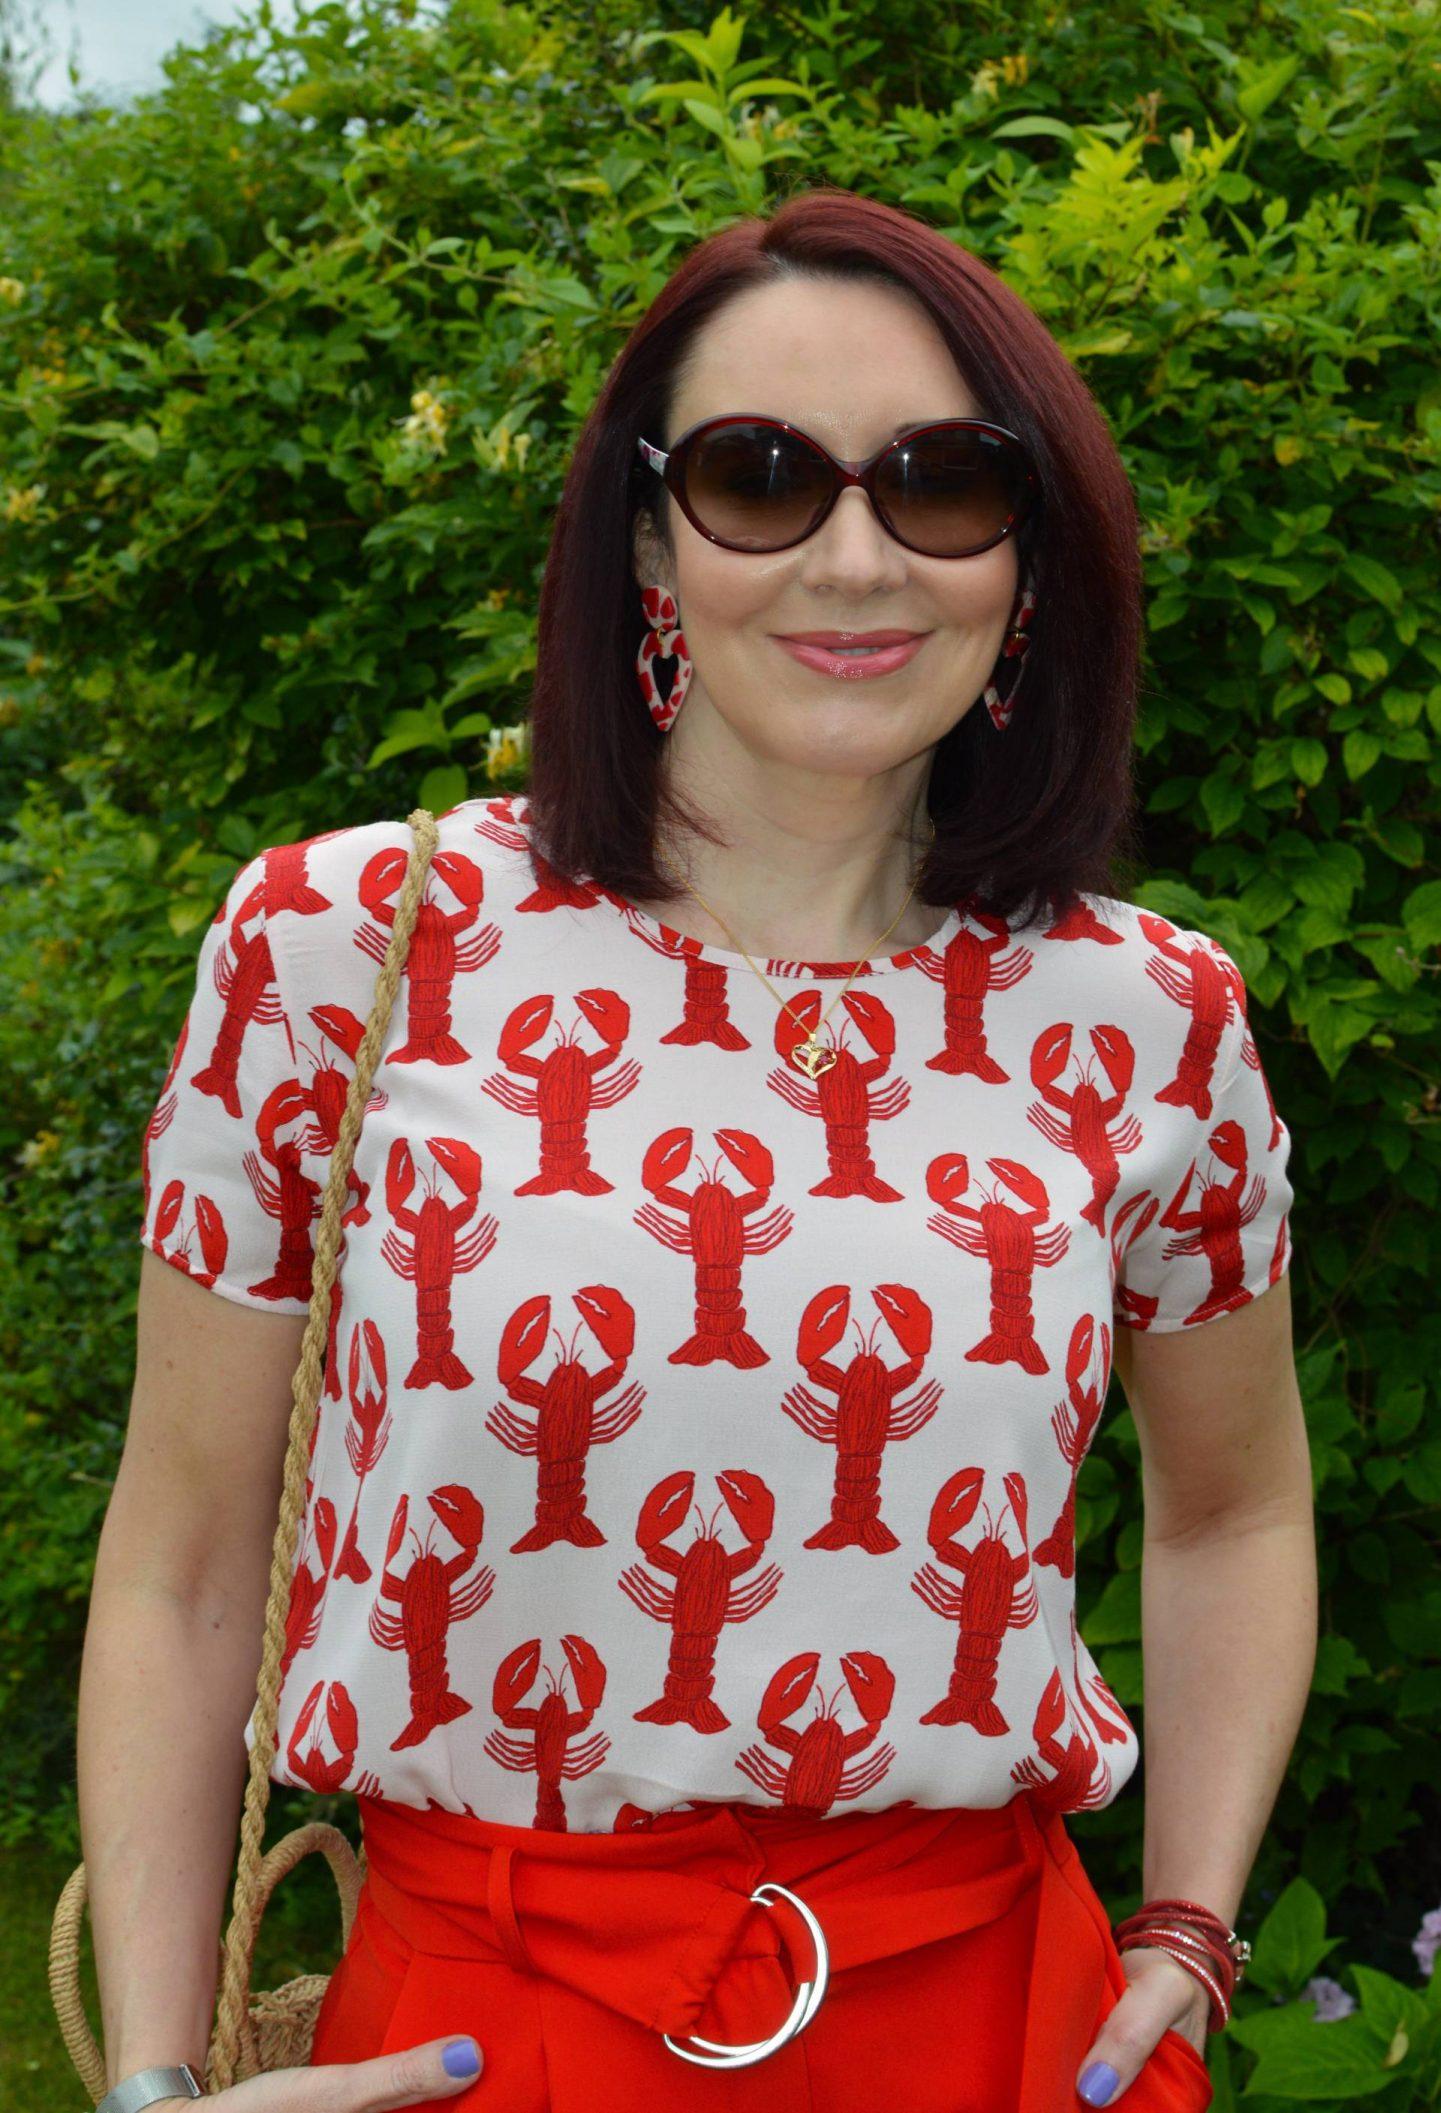 Fabienne Chapot Lobster Print Top, No Shrinking Violet heart earrings